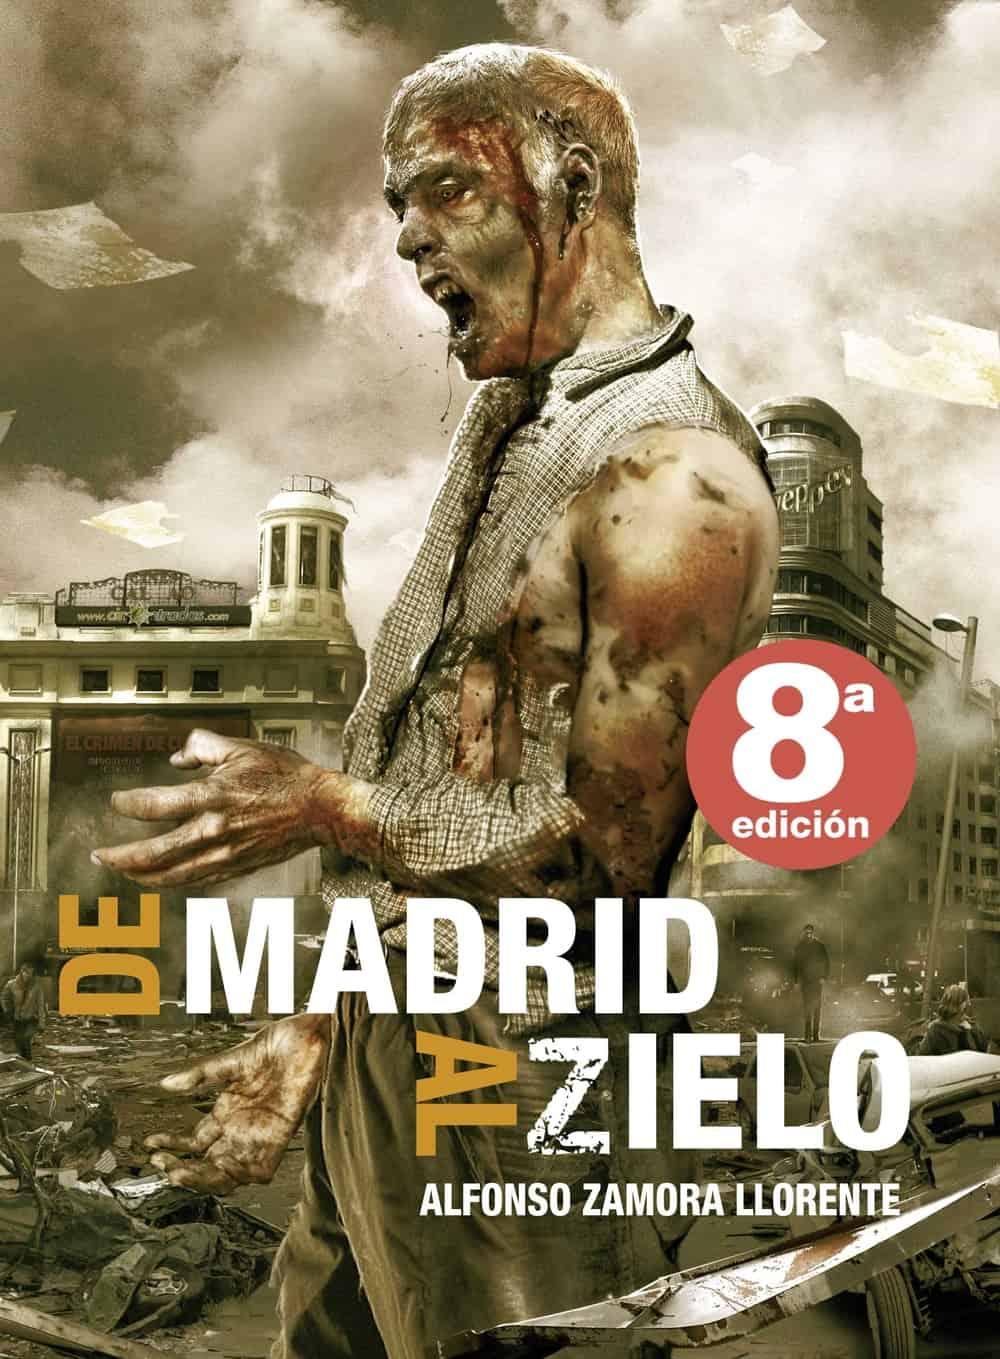 DE MADRID AL ZIELO (8ª EDICION)